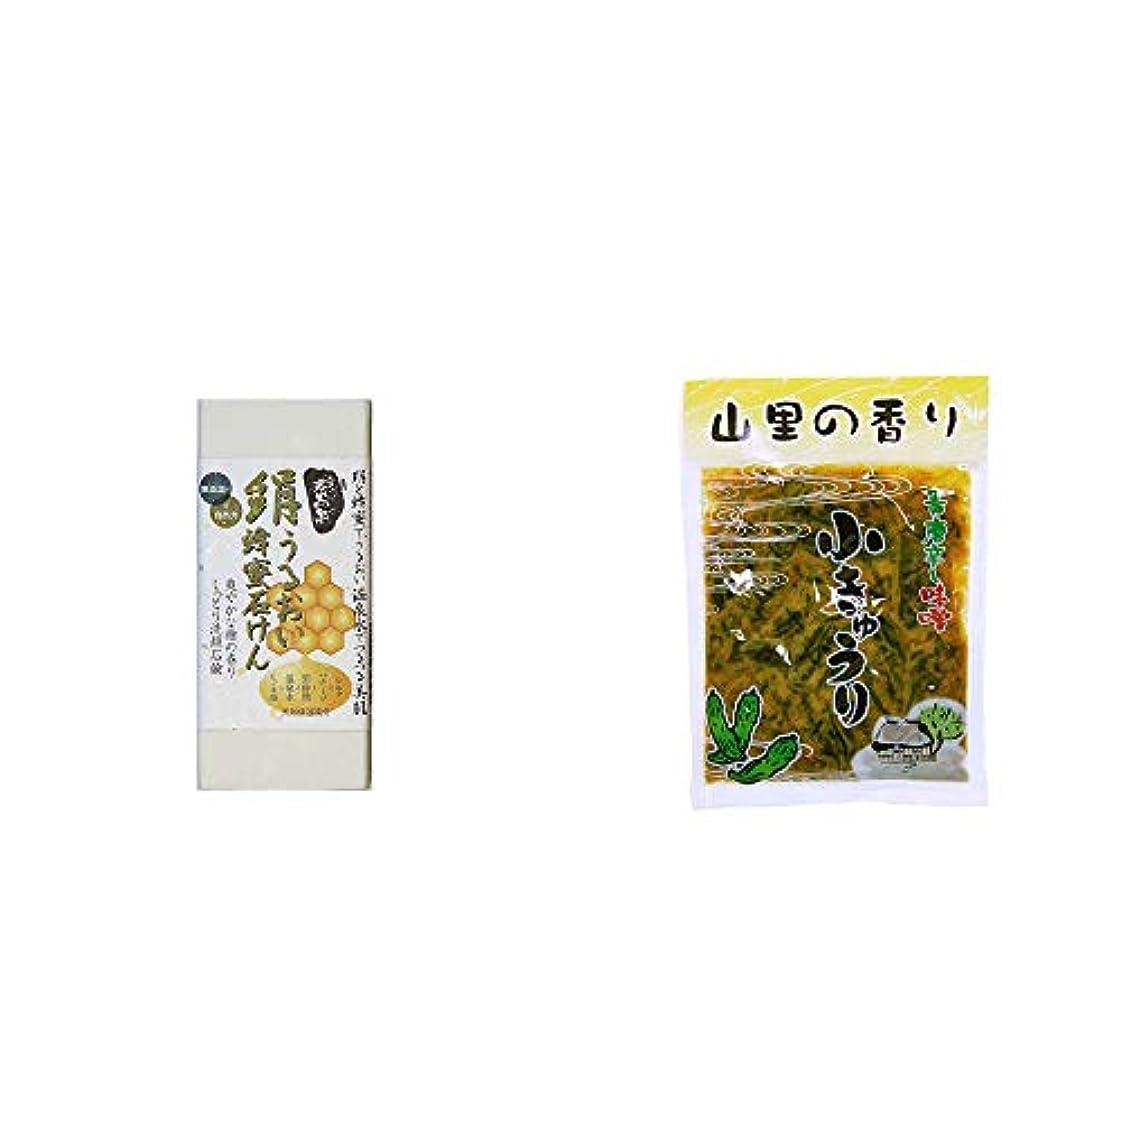 千研究所慢な[2点セット] ひのき炭黒泉 絹うるおい蜂蜜石けん(75g×2)?山里の香り 青唐辛し味噌 小きゅうり(250g)